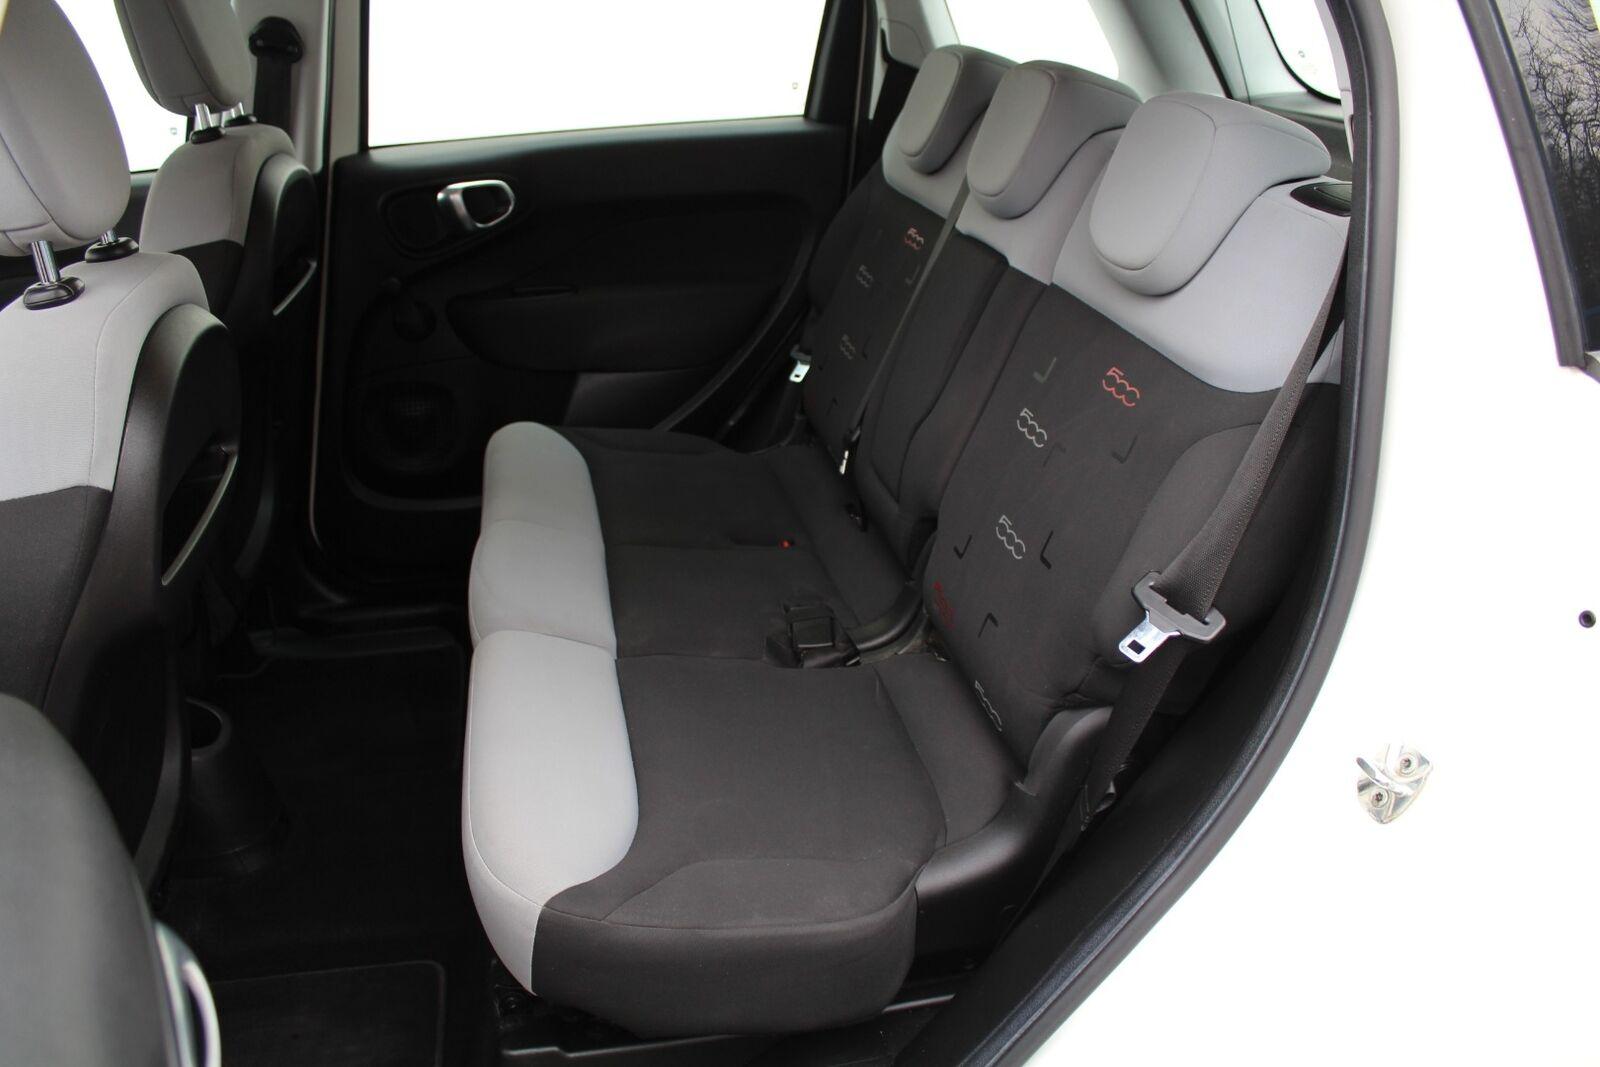 Fiat 500L 1,4 16V 95 Popstar - billede 7